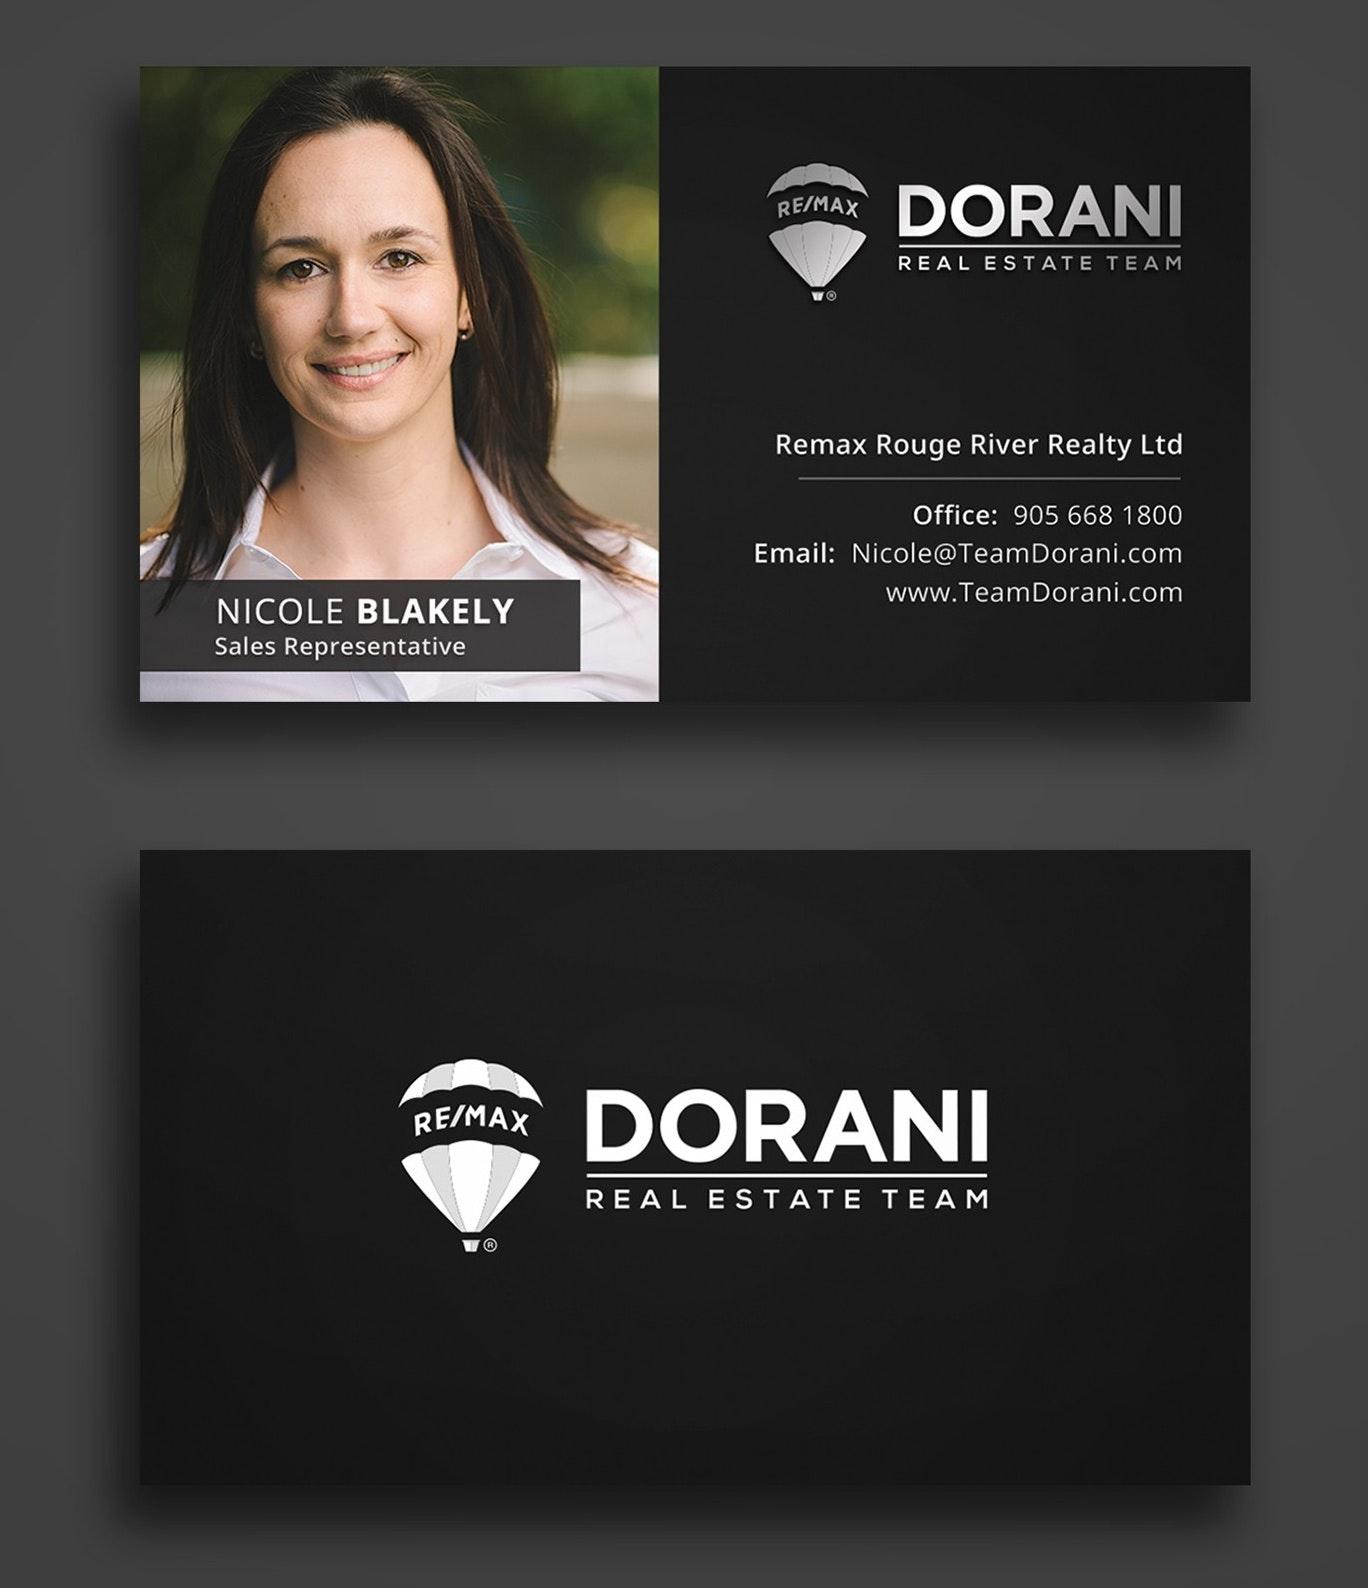 Dorani Real Estate Team